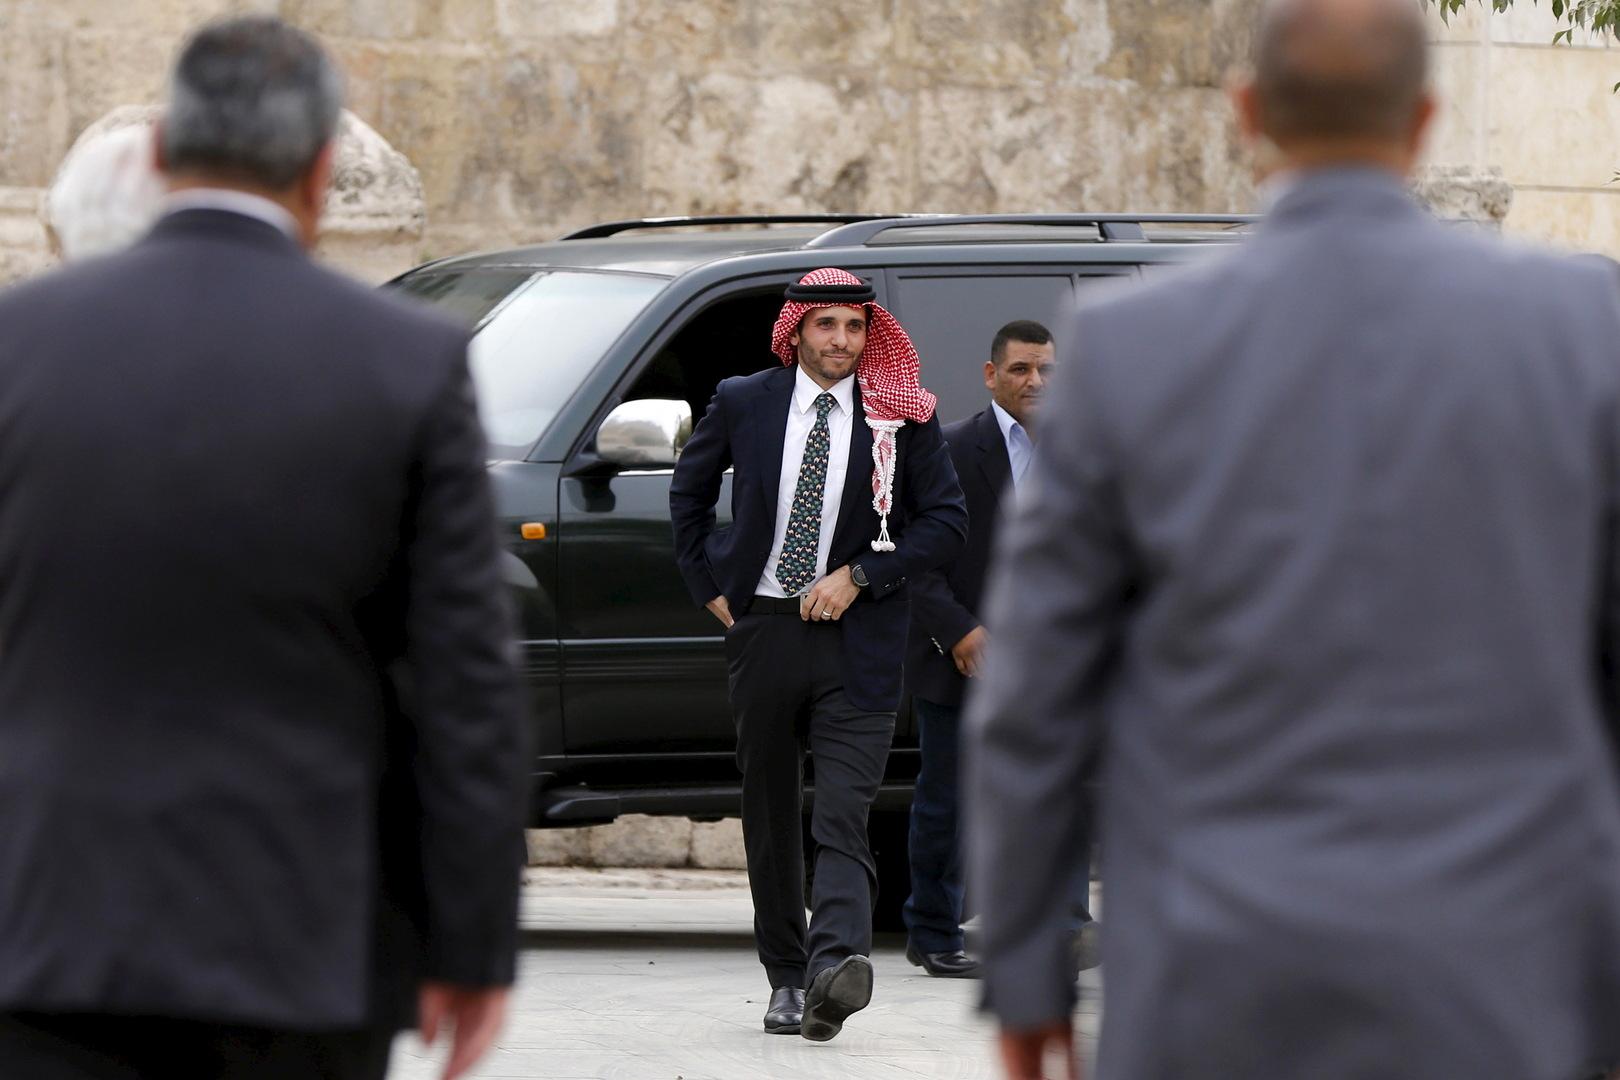 عضو في مجلس الأعيان الأردني يؤكد معلومات عن مكان إقامة الأمير حمزة (فيديو)